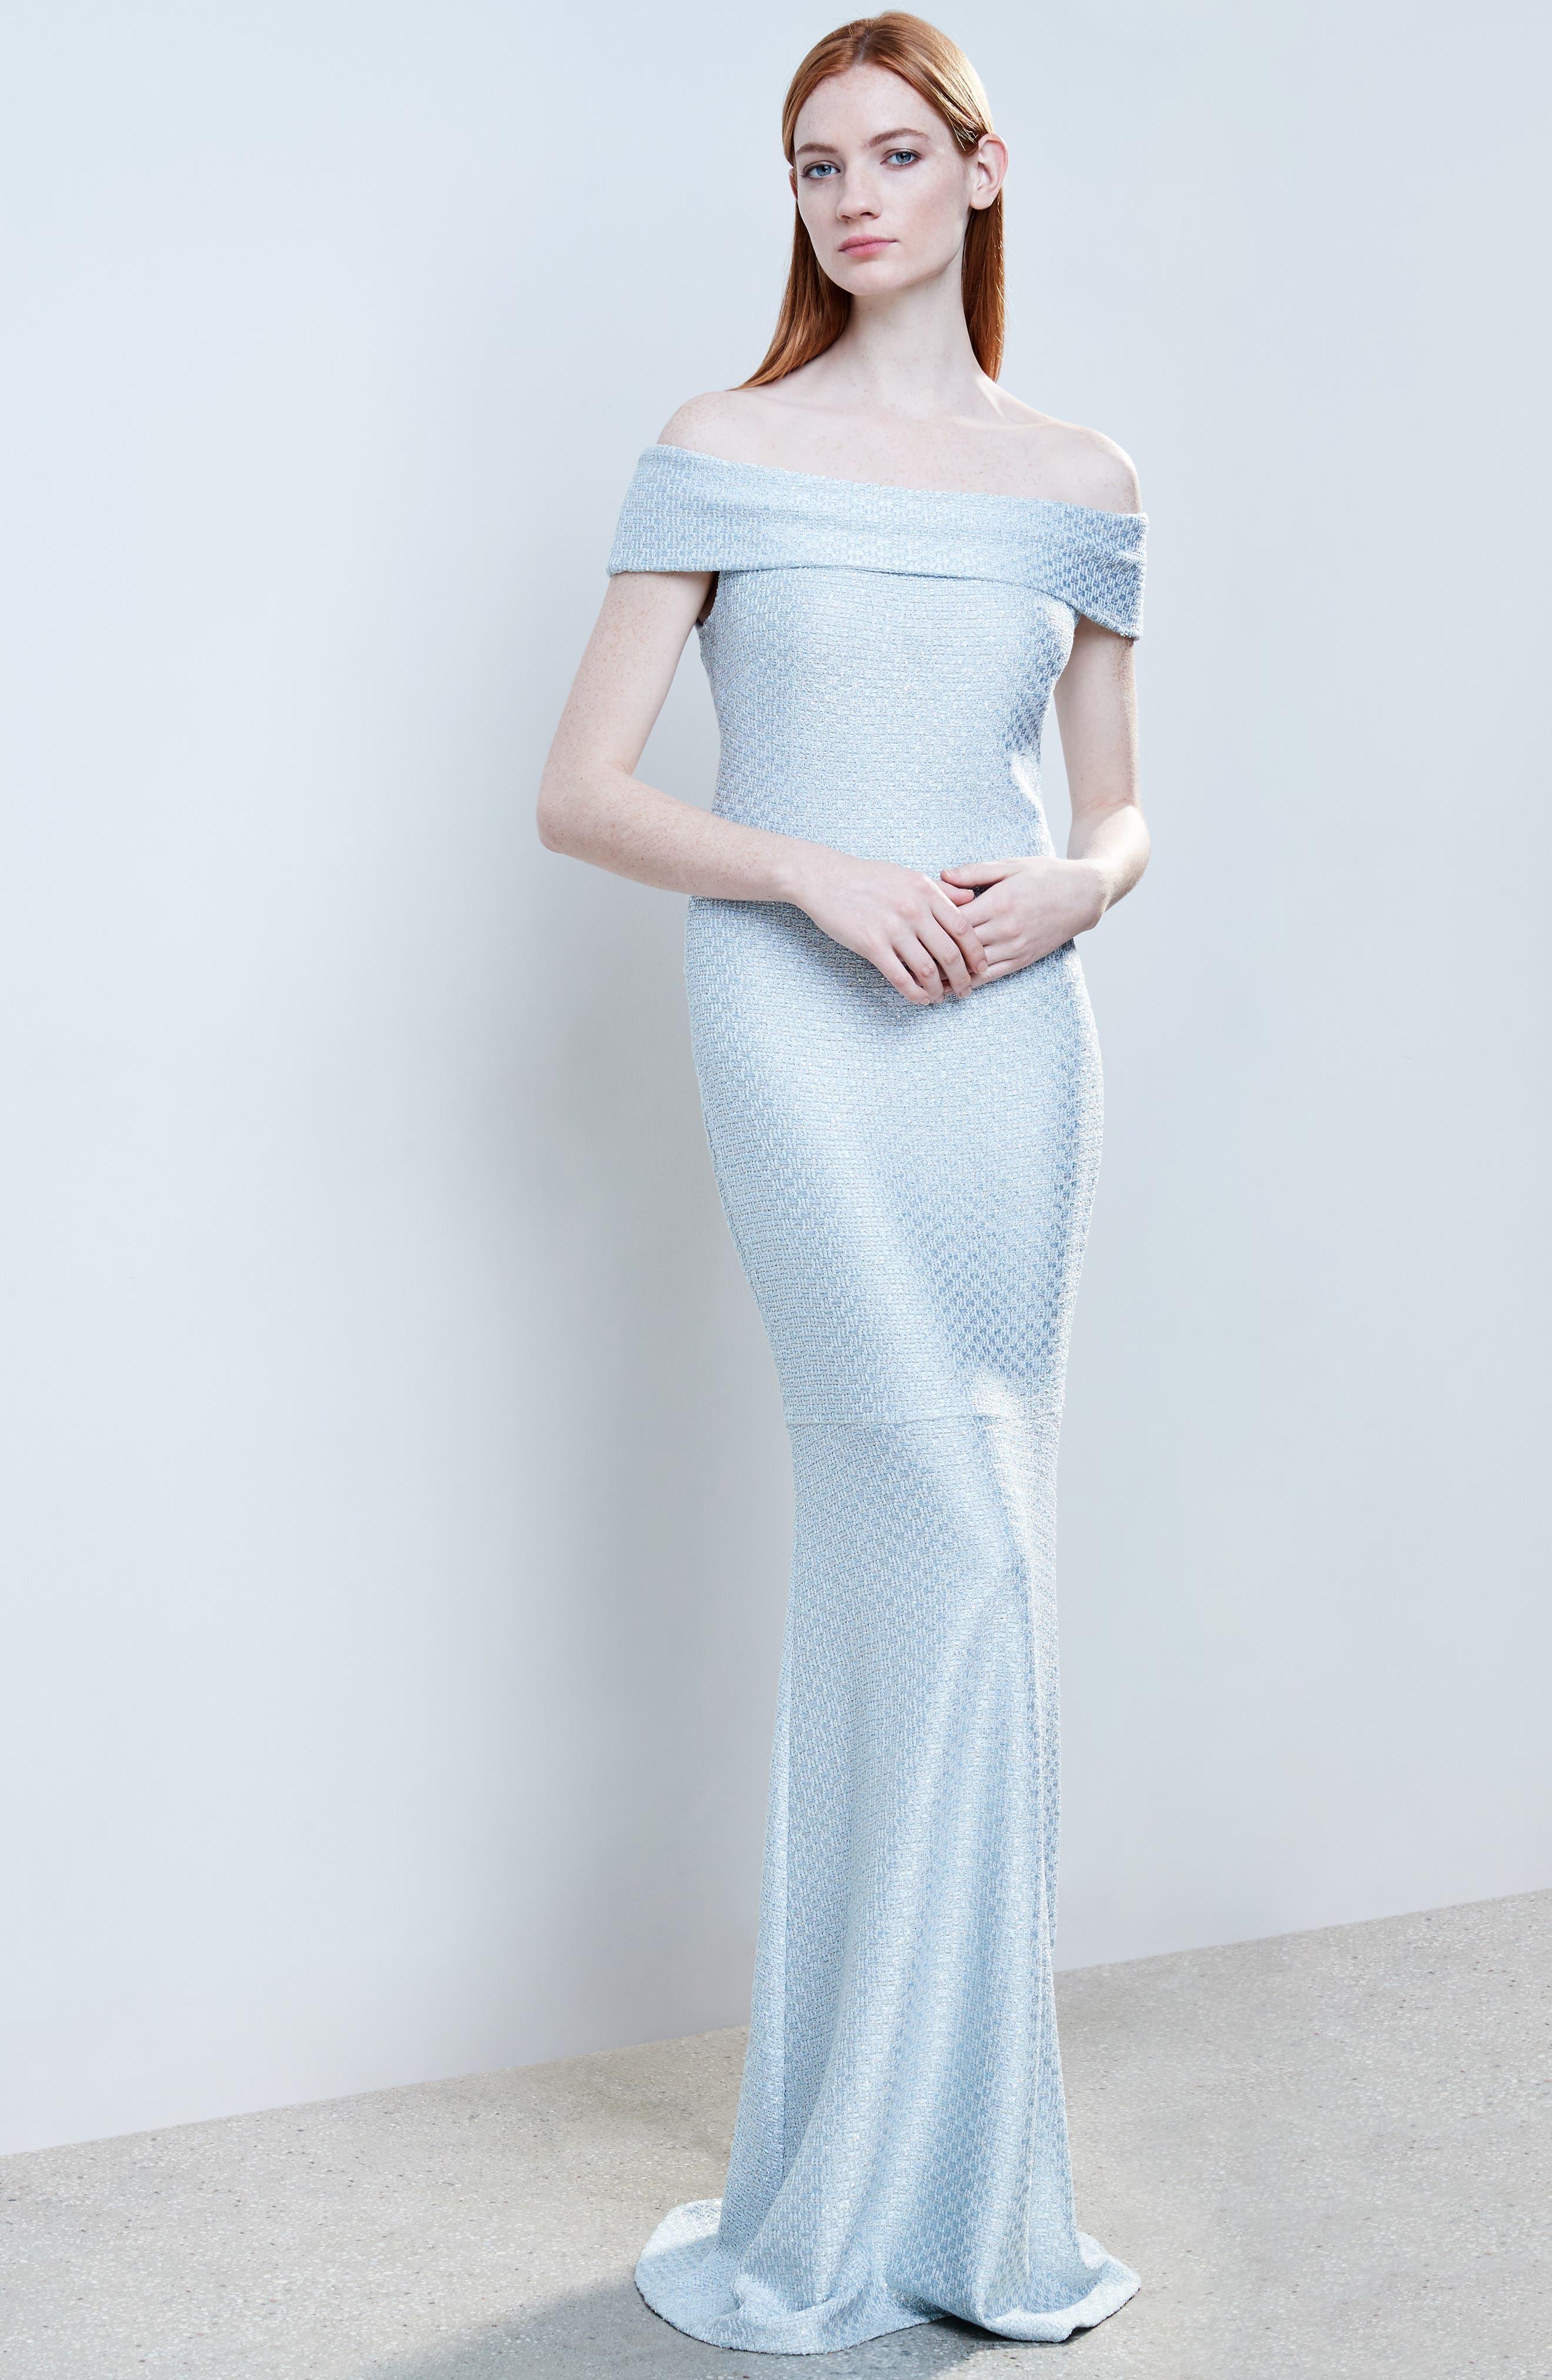 Hansh Sequin Knit Off the Shoulder Gown,                             Alternate thumbnail 7, color,                             MINT